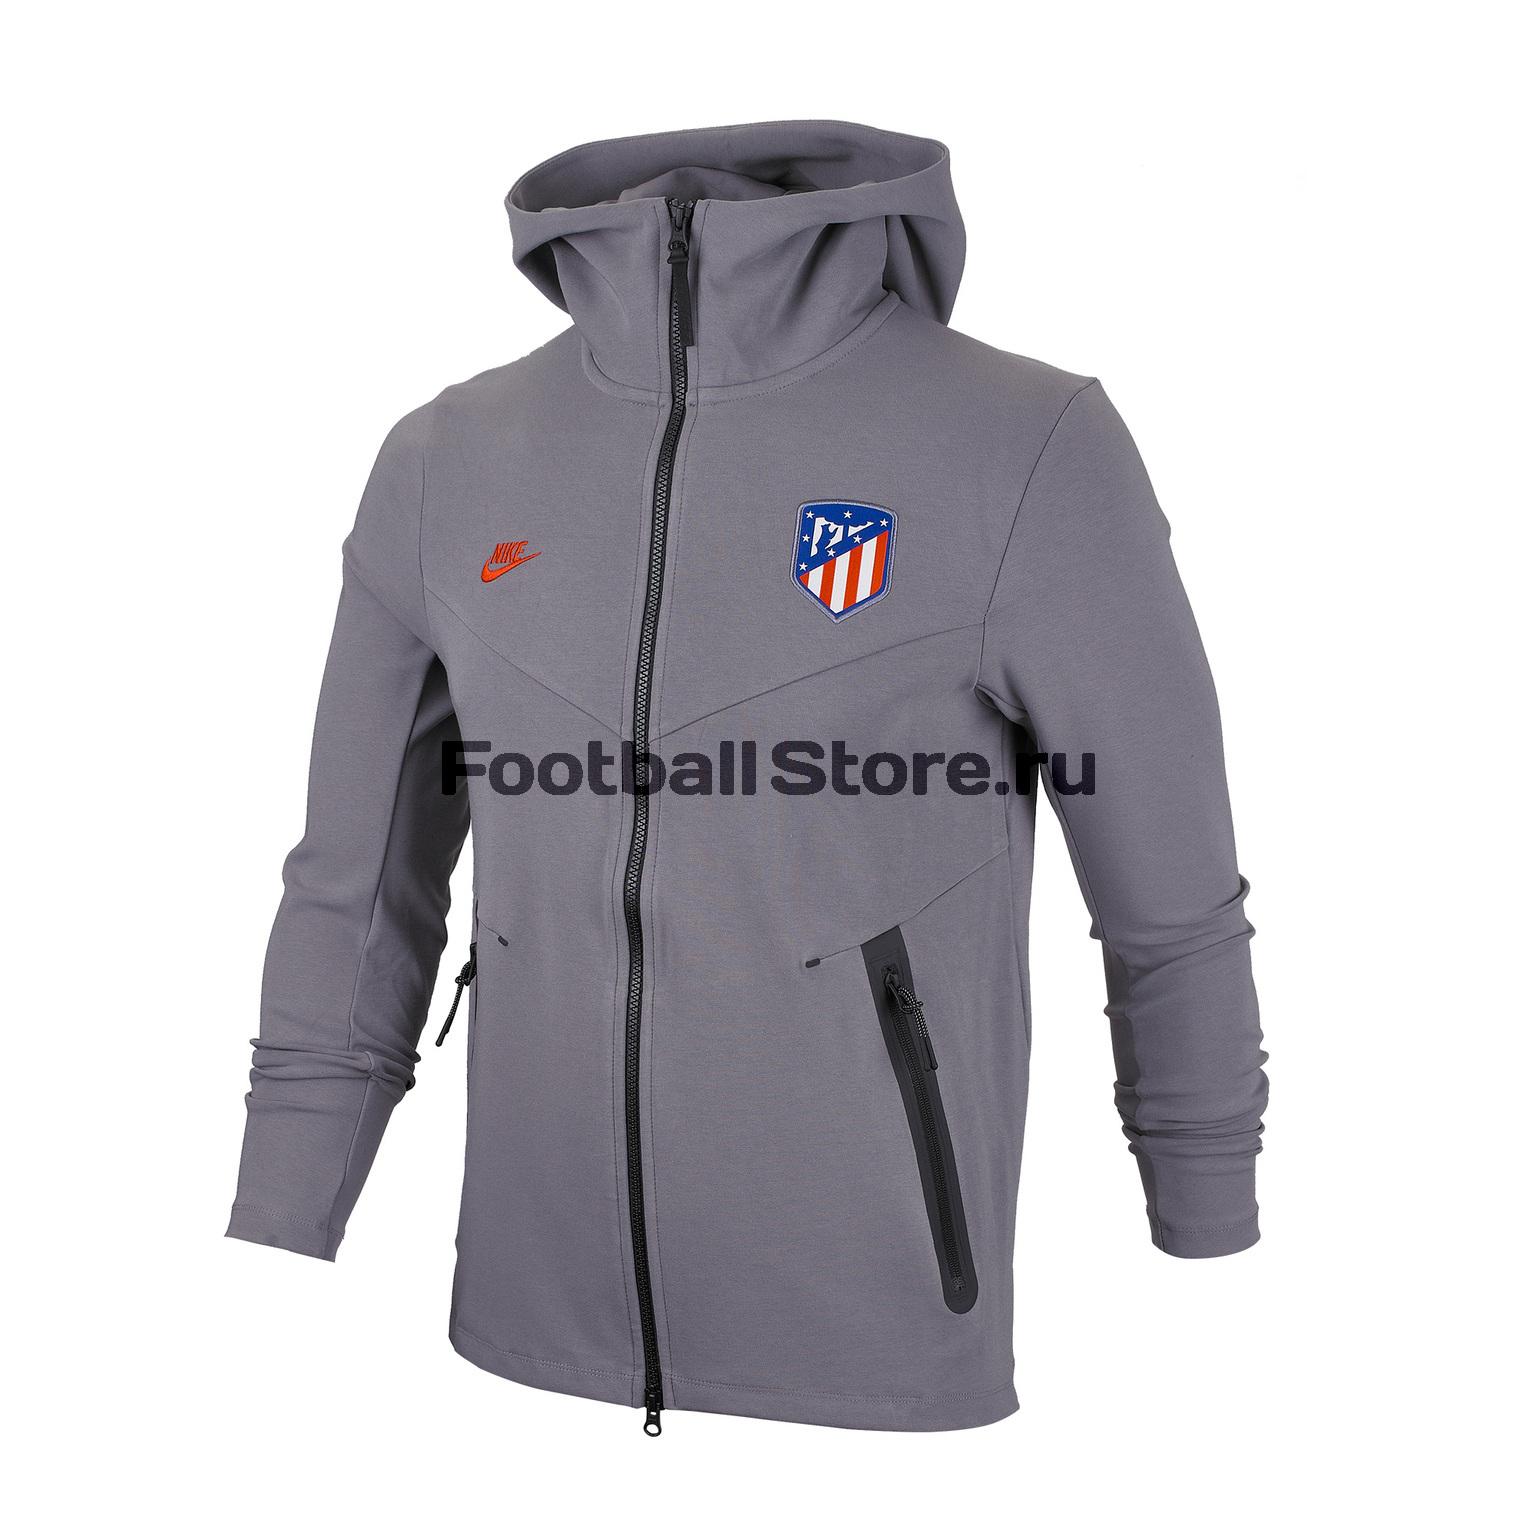 цена на Толстовка Nike Atletico Madrid CI2121-060